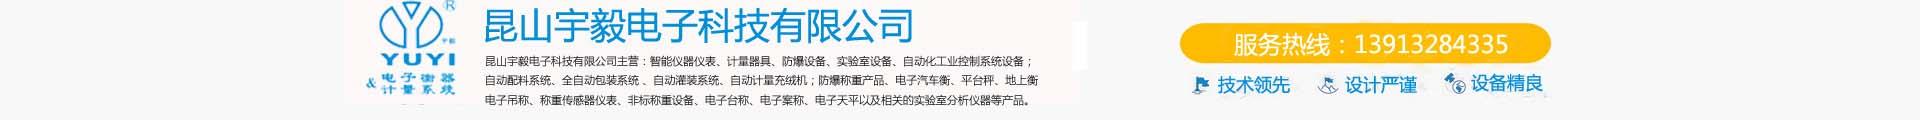 崑山宇毅電子科技有限公司